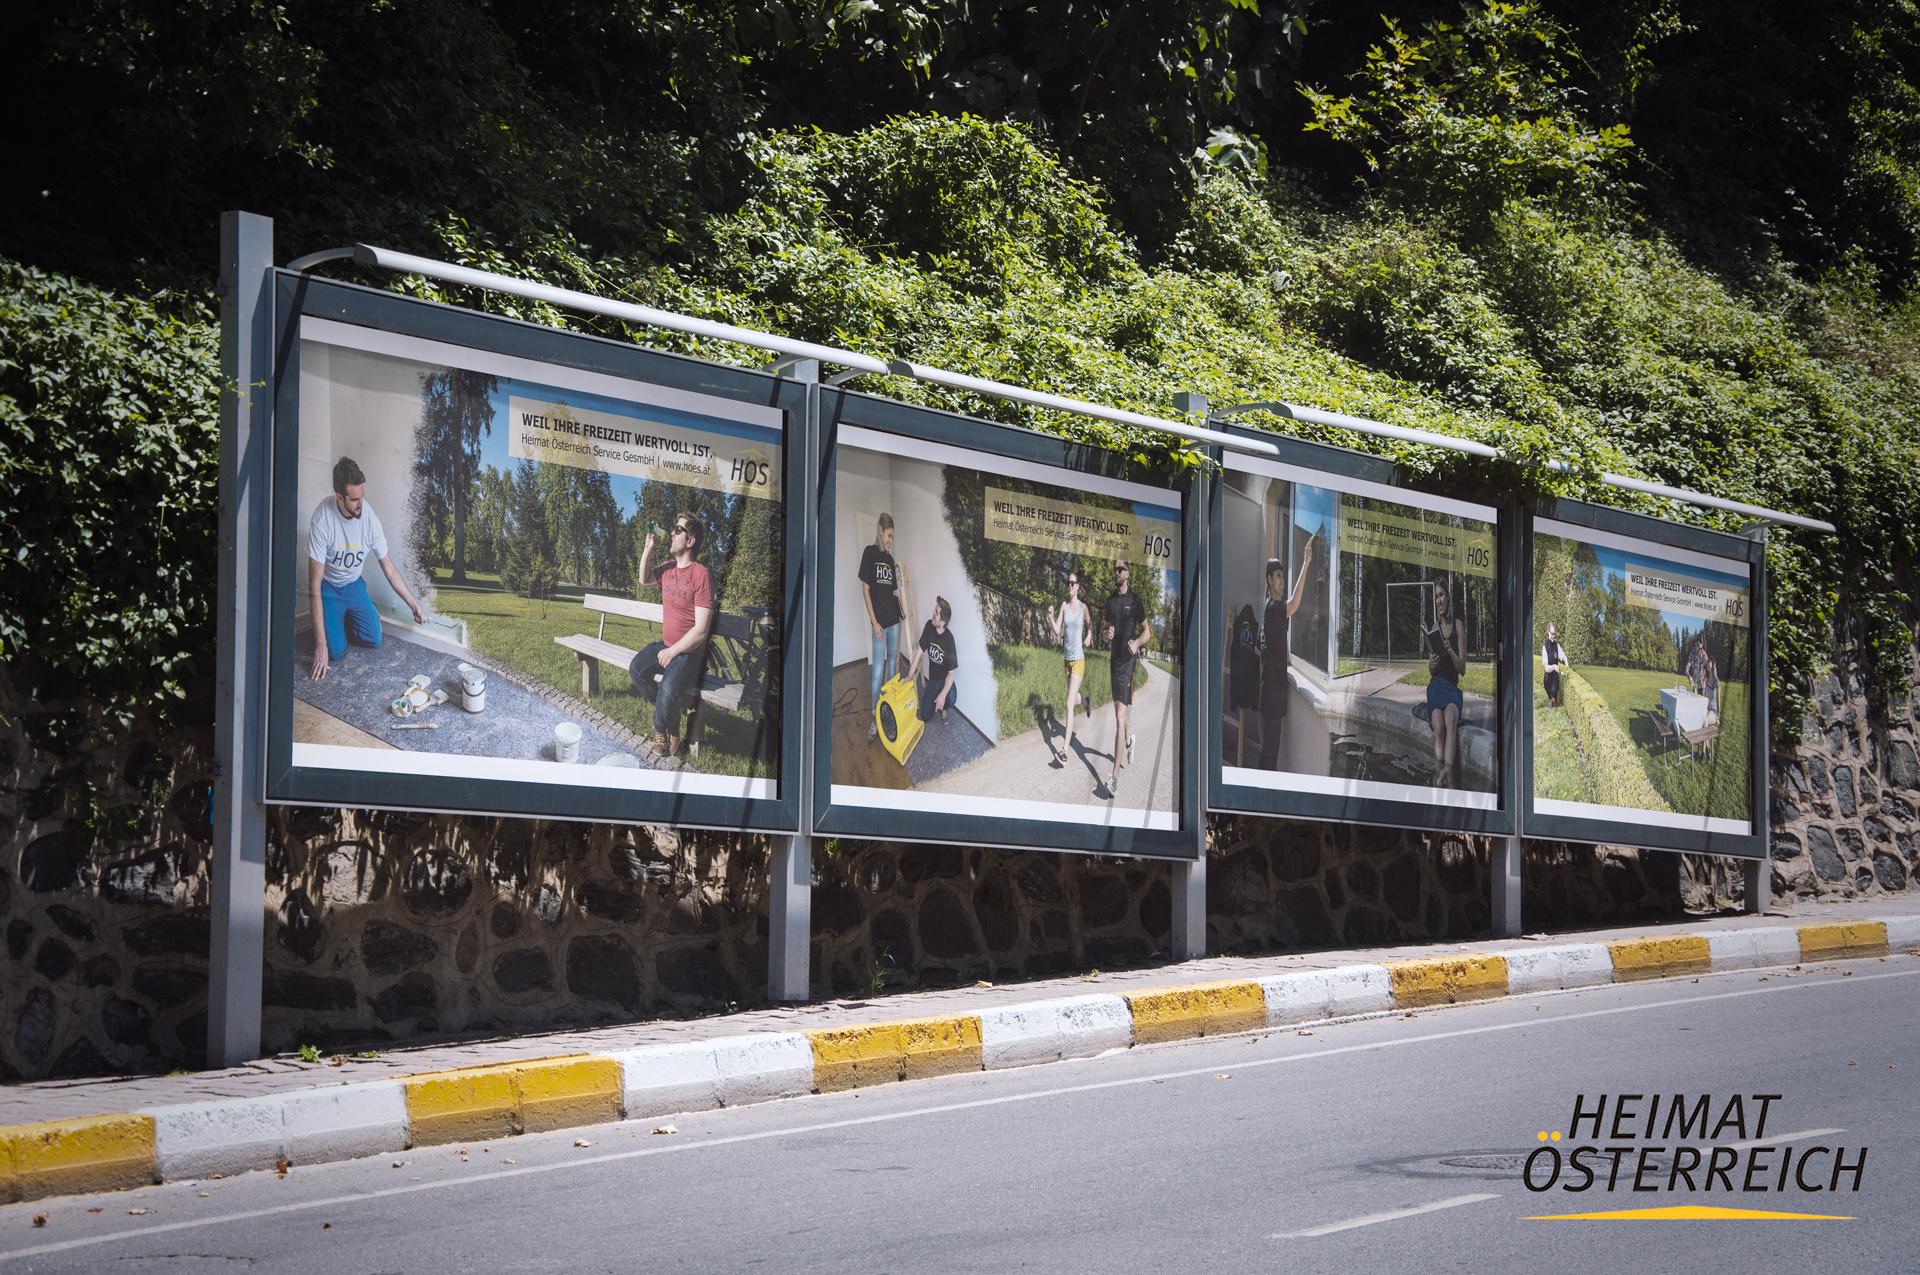 Werbekampagne: Weil Ihre Freizeit wertvoll ist